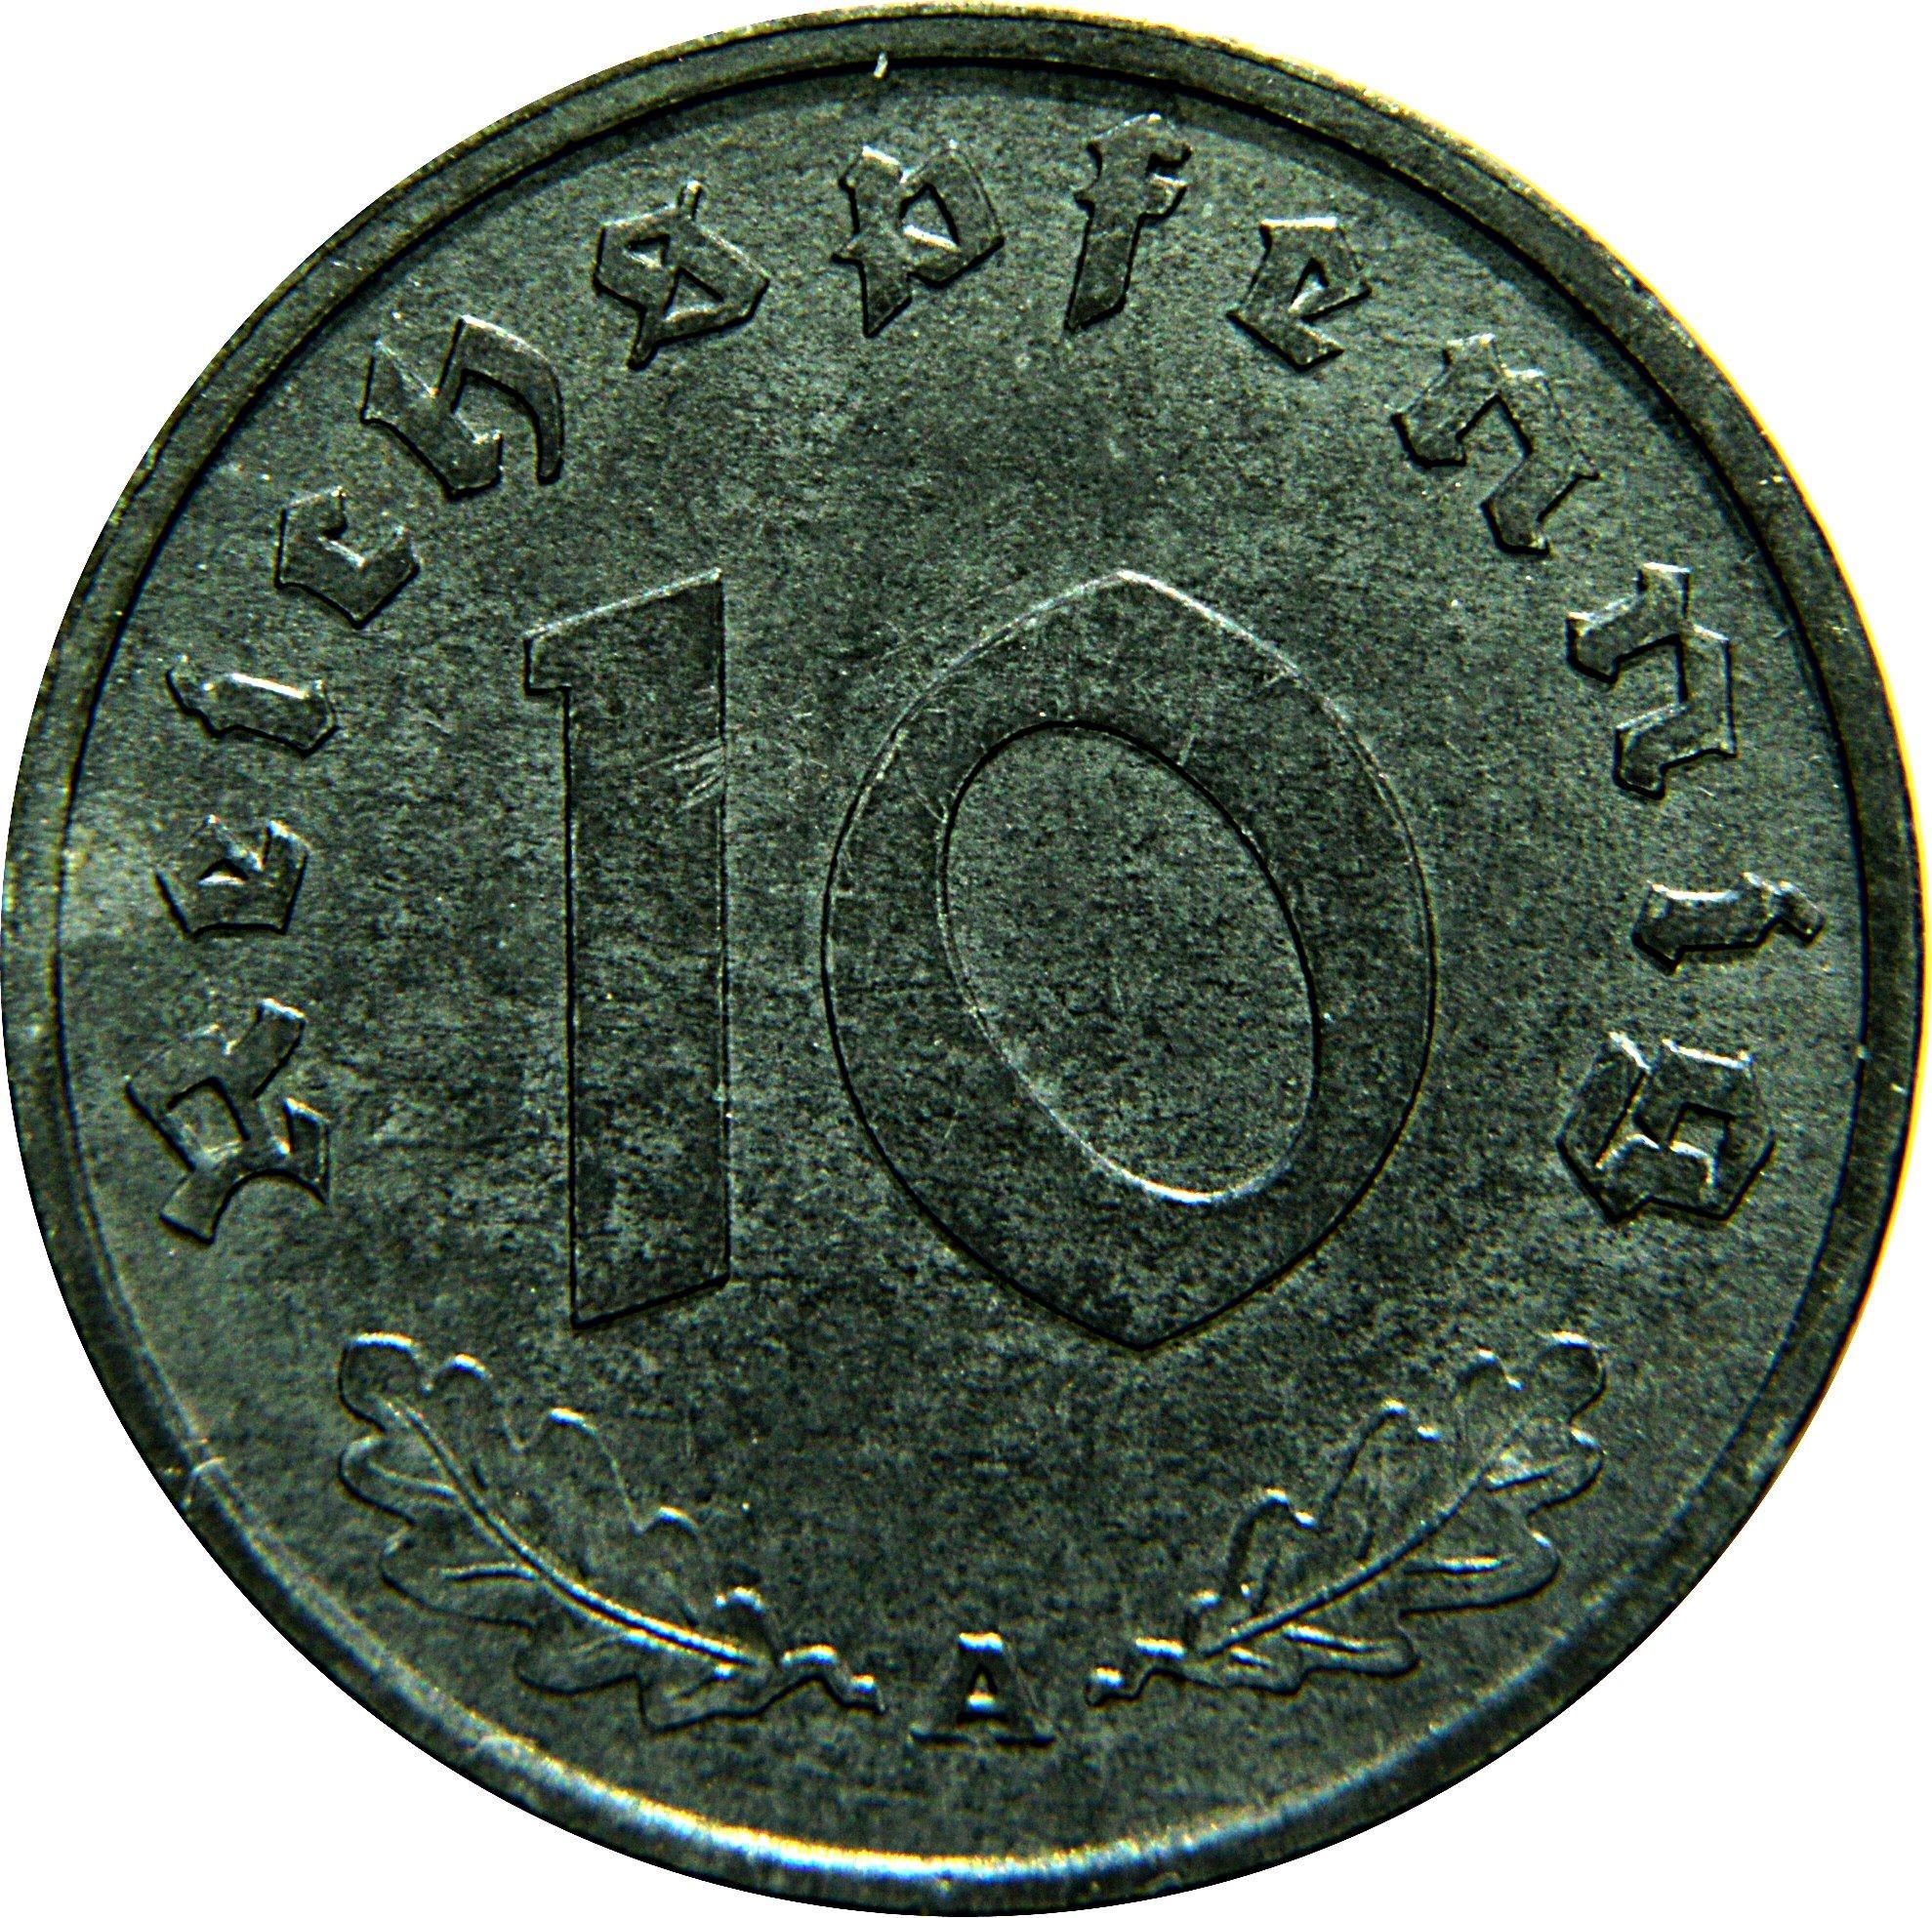 Germany 10 Reichspfennig (1940-1945)